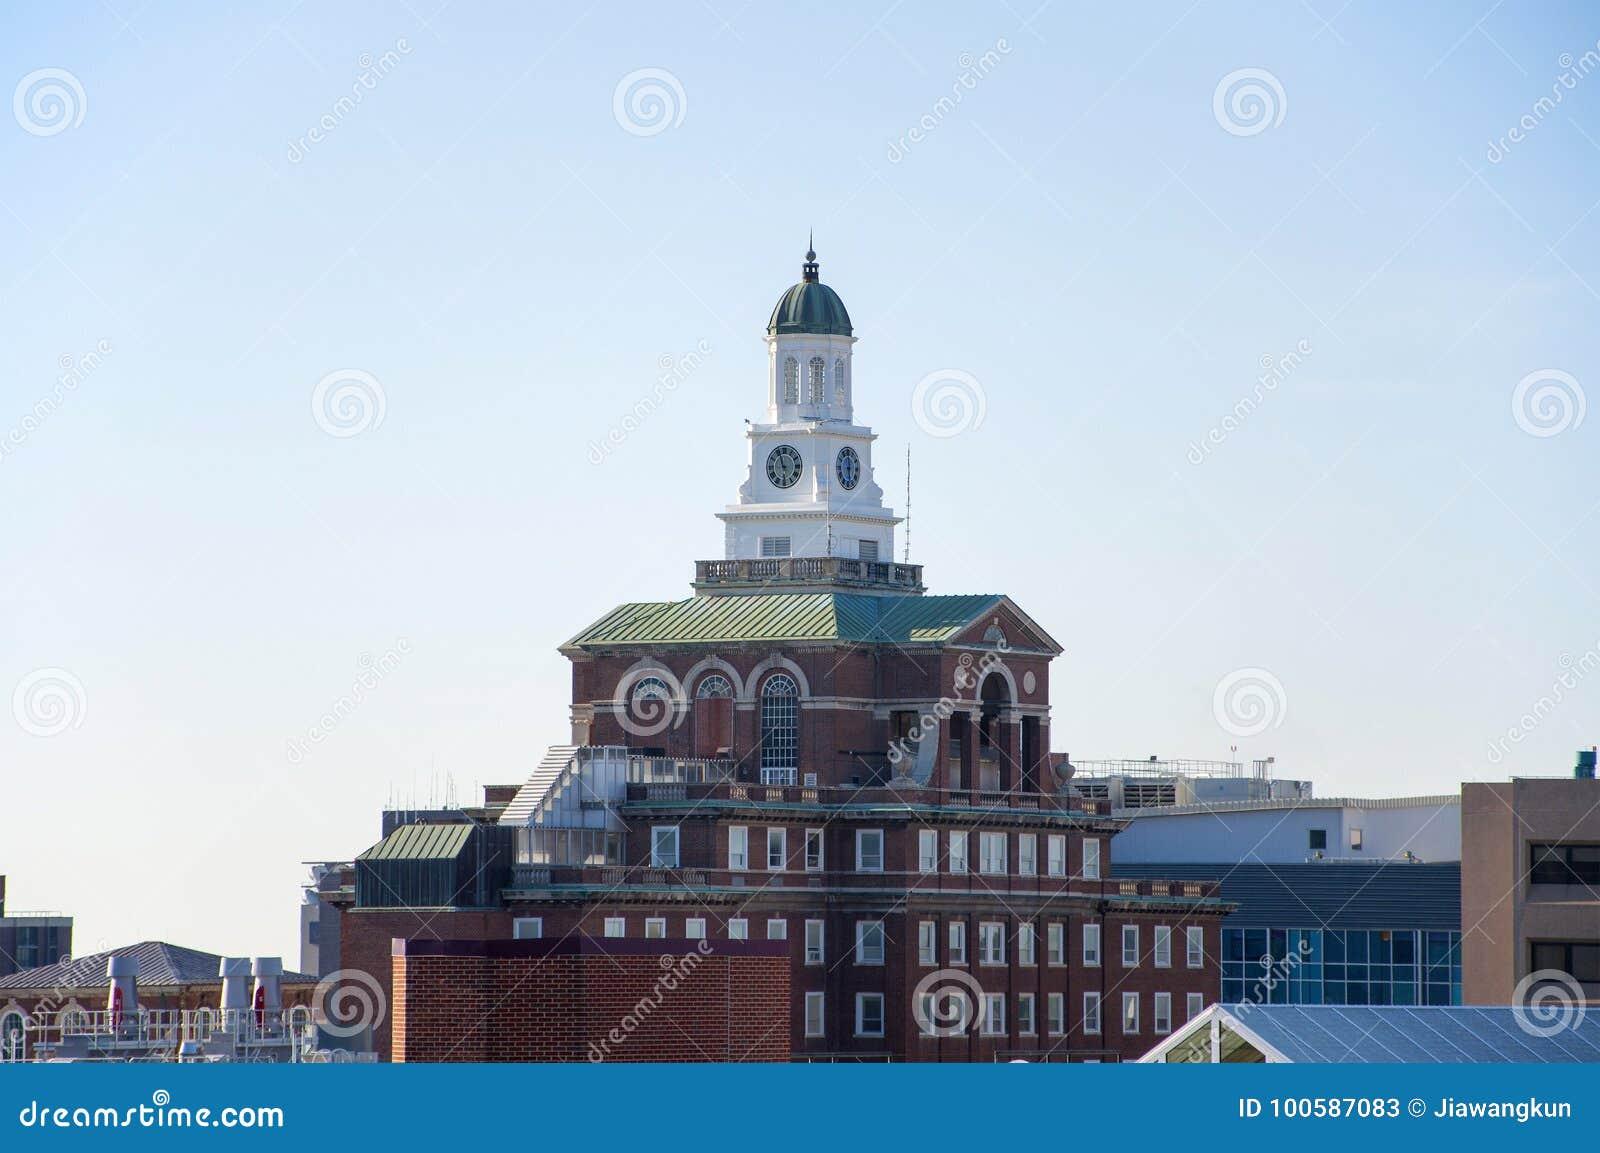 Νοσοκομείο Crouse, Συρακούσες, Νέα Υόρκη, ΗΠΑ